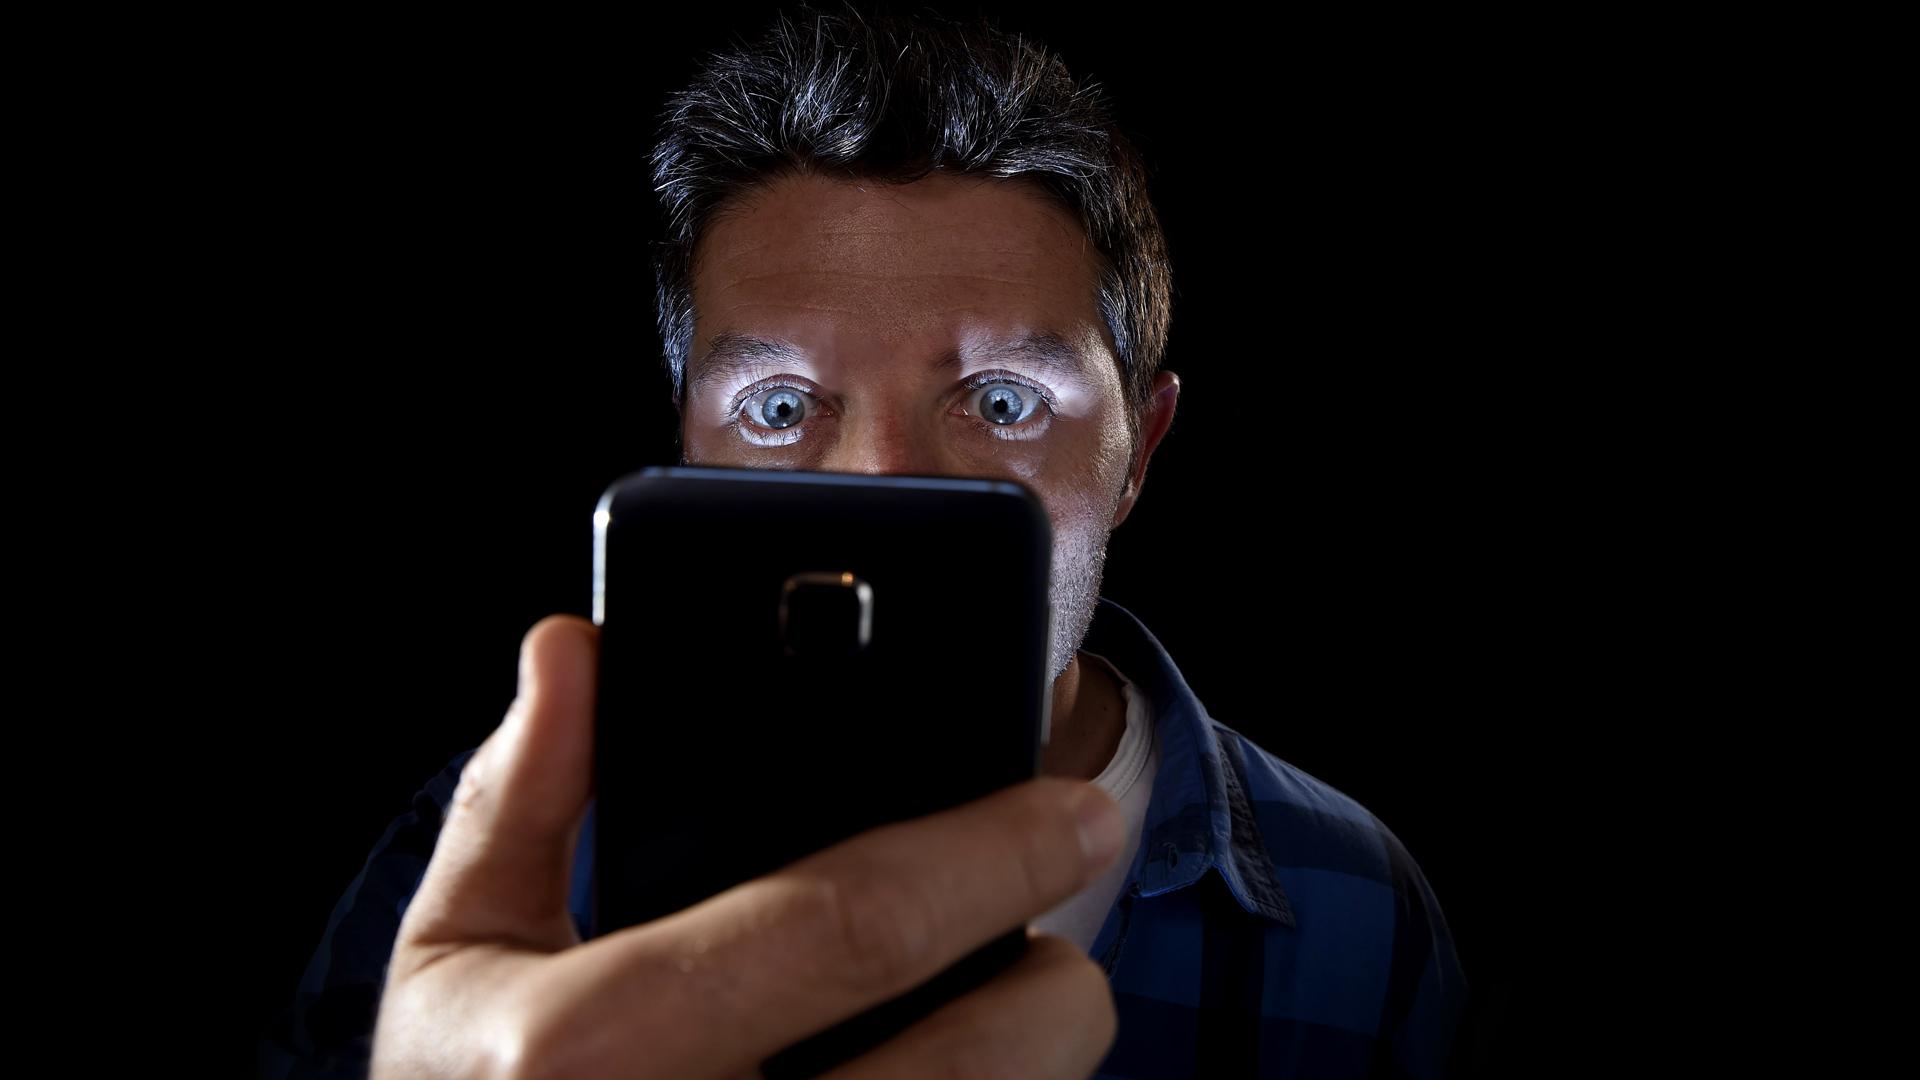 Ciberseguridad práctica: ¿Cómo descubrir que te han intervenido el móvil?